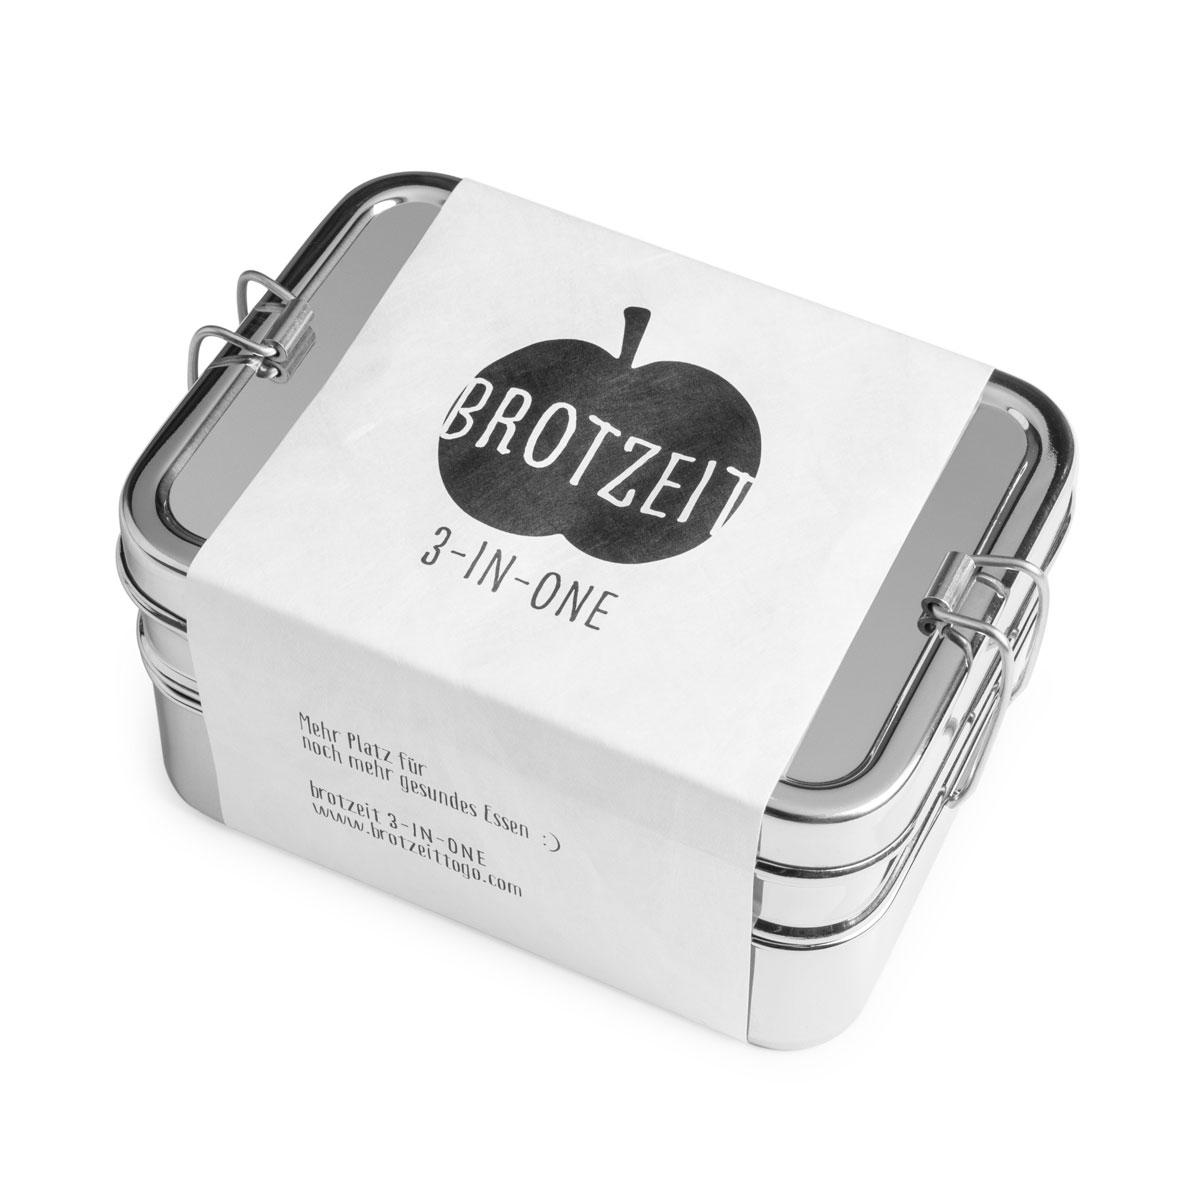 Lunchbox 3in1 Three-in-one Brotdose aus Edelstahl - 100% BPA frei, fest verschliessbar von Brotzeit